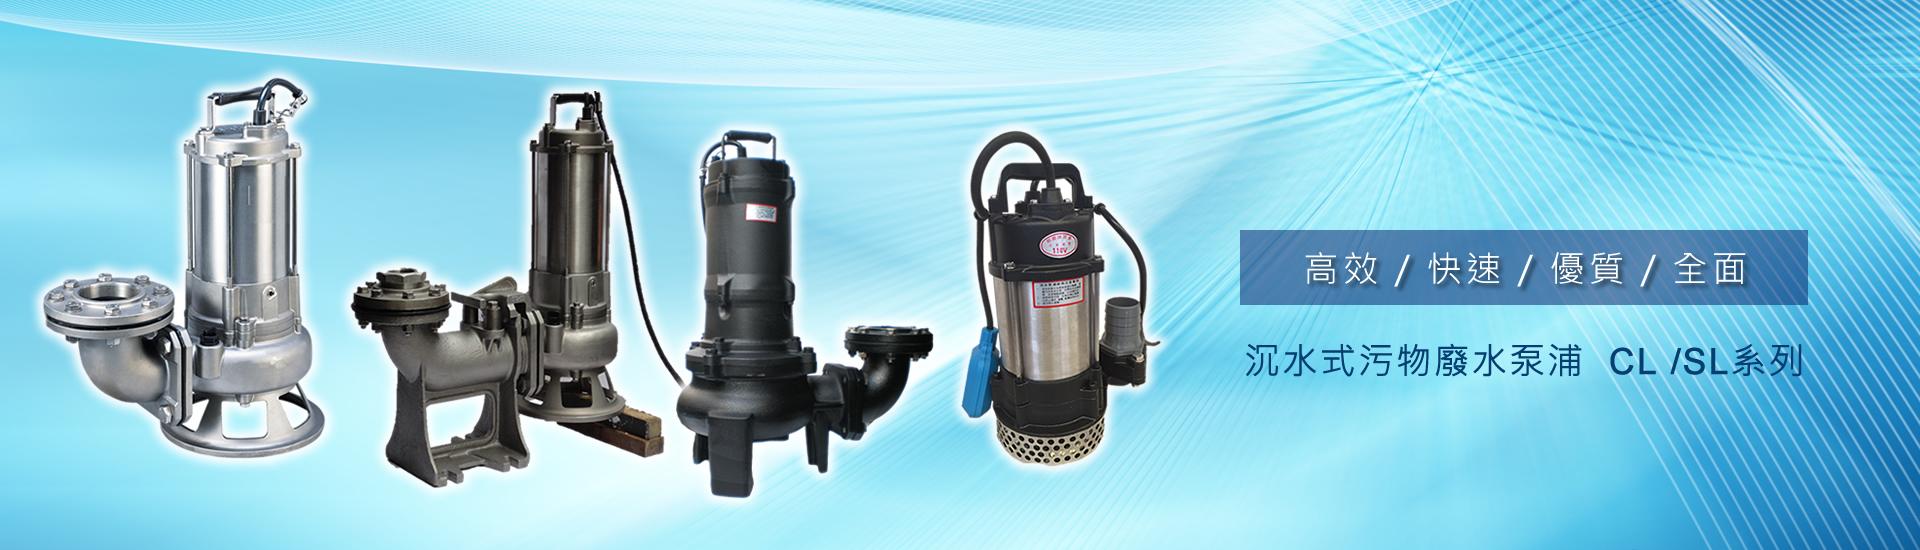 沉水式污物廢水泵浦CL/SL系列